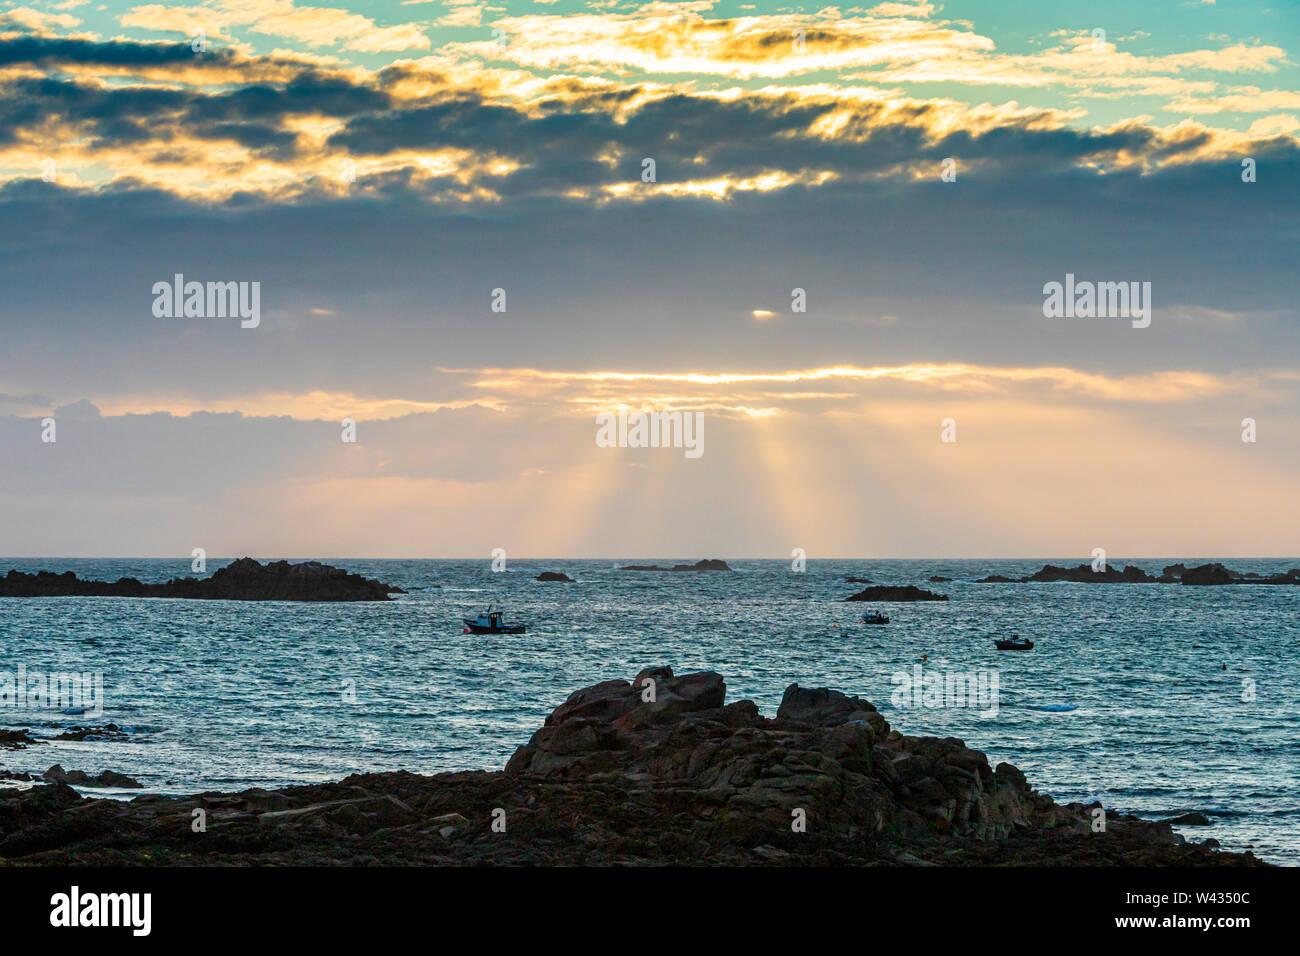 La puesta de sol sobre la bahía Cobo, Guernsey, Islas del Canal UK Foto de stock